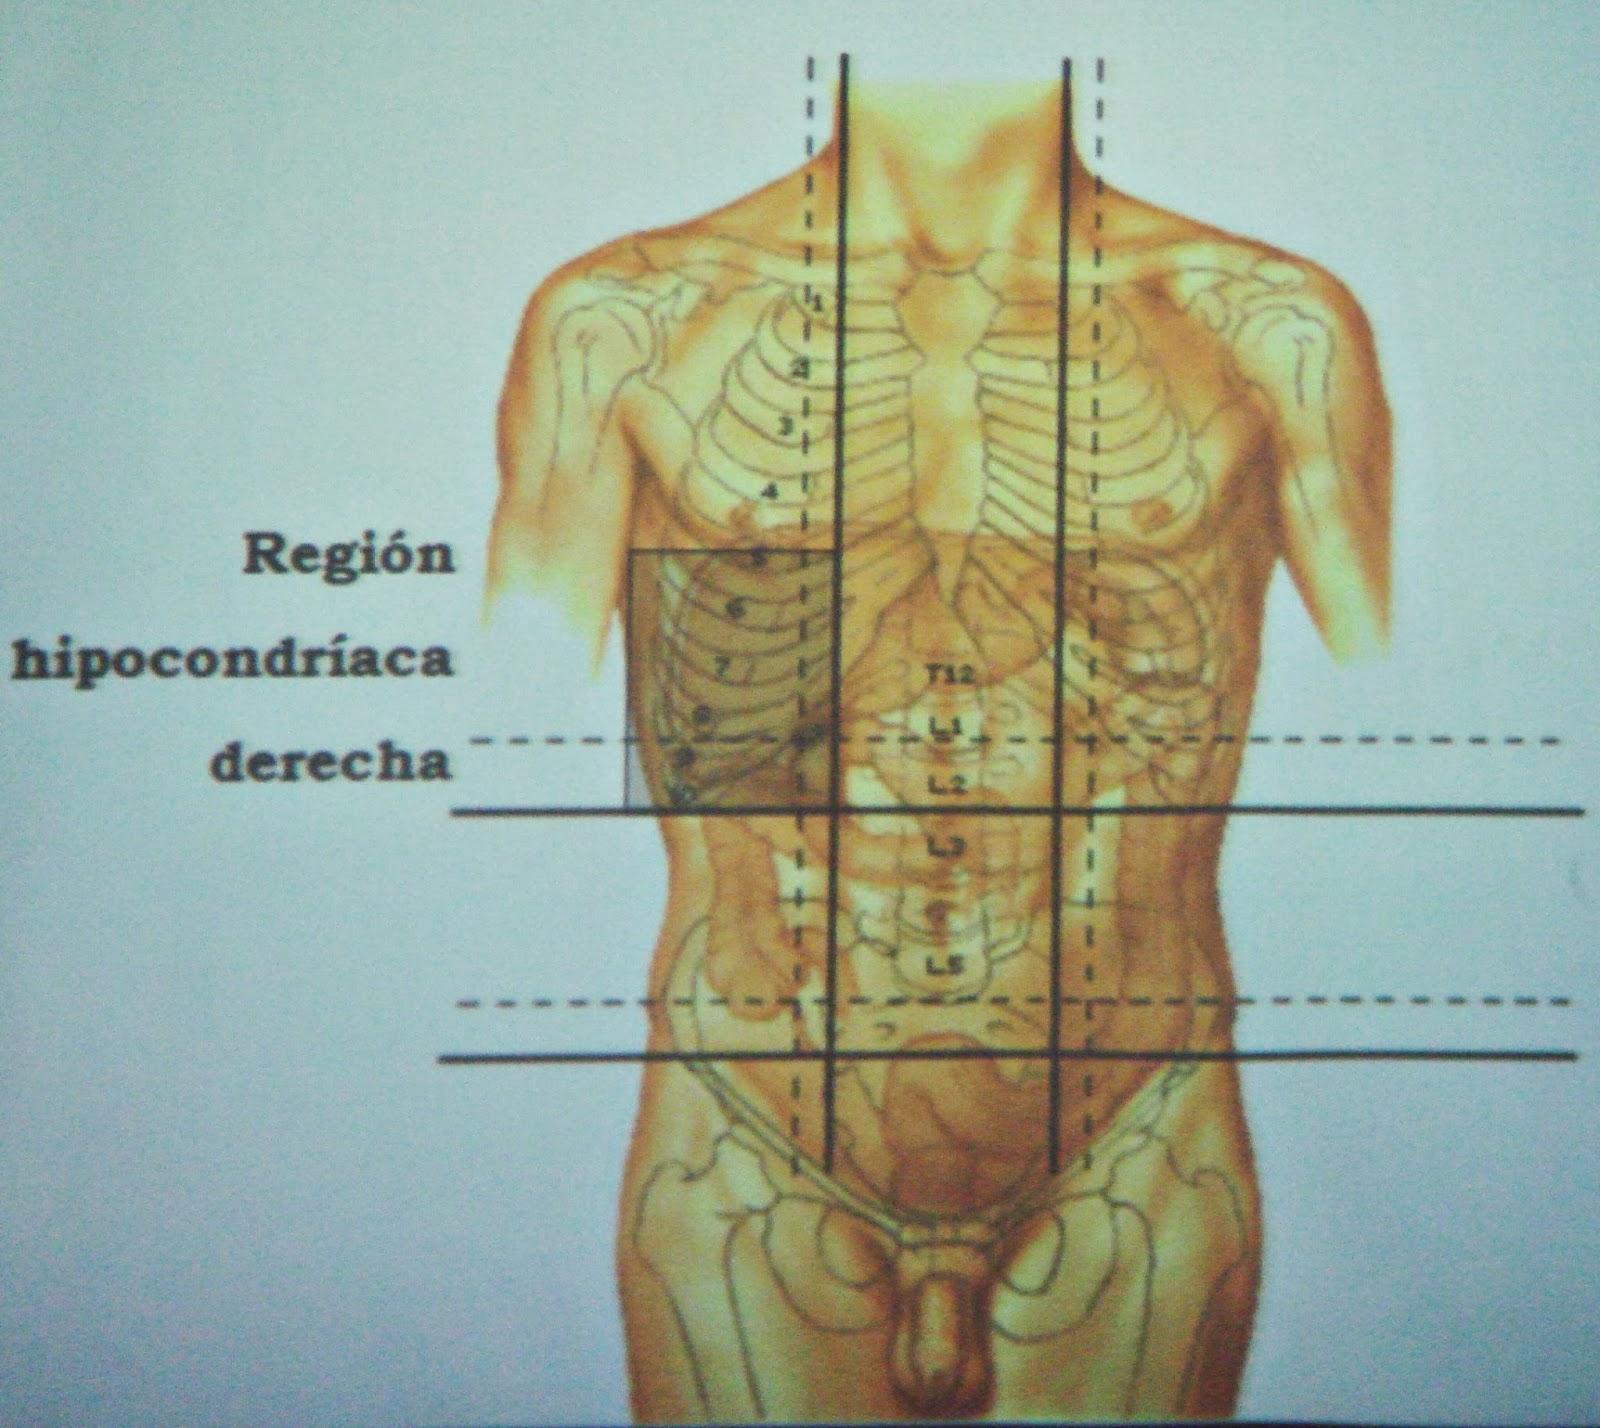 Paredes y músculos abdominales. Regiones del abdomen